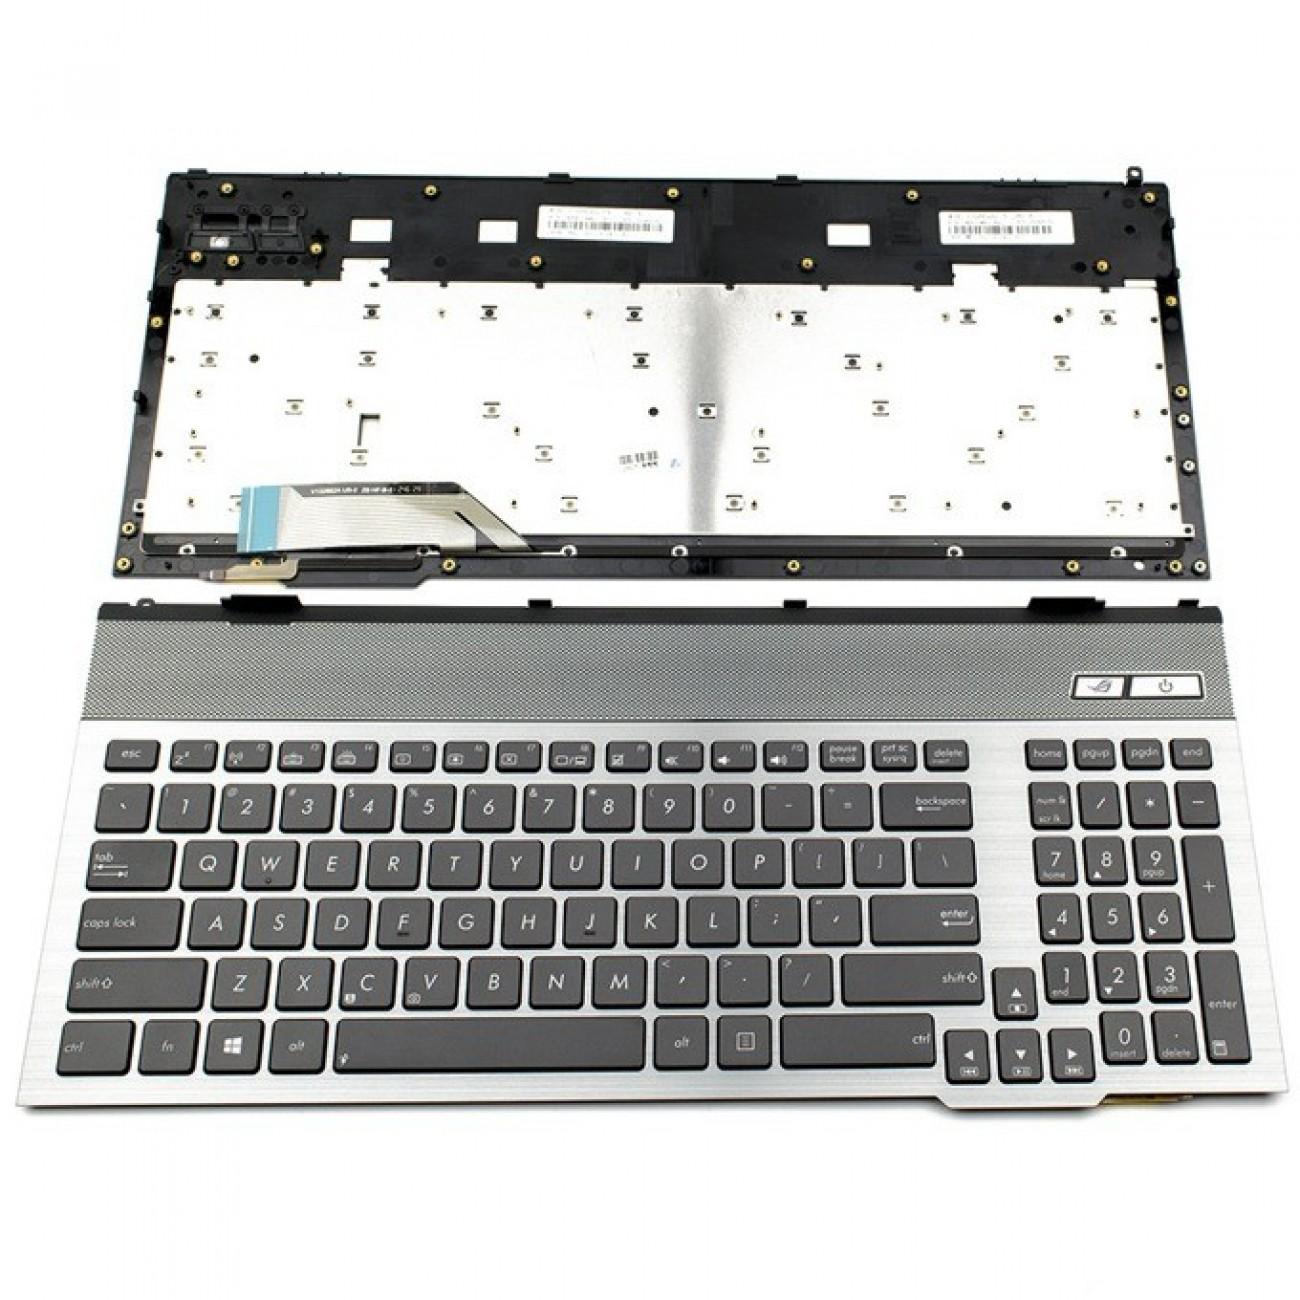 Клавиатура за Asus G55/G57, US, с рамка, с подсветка, сива рамка с черни бутони в Резервни части -  | Alleop